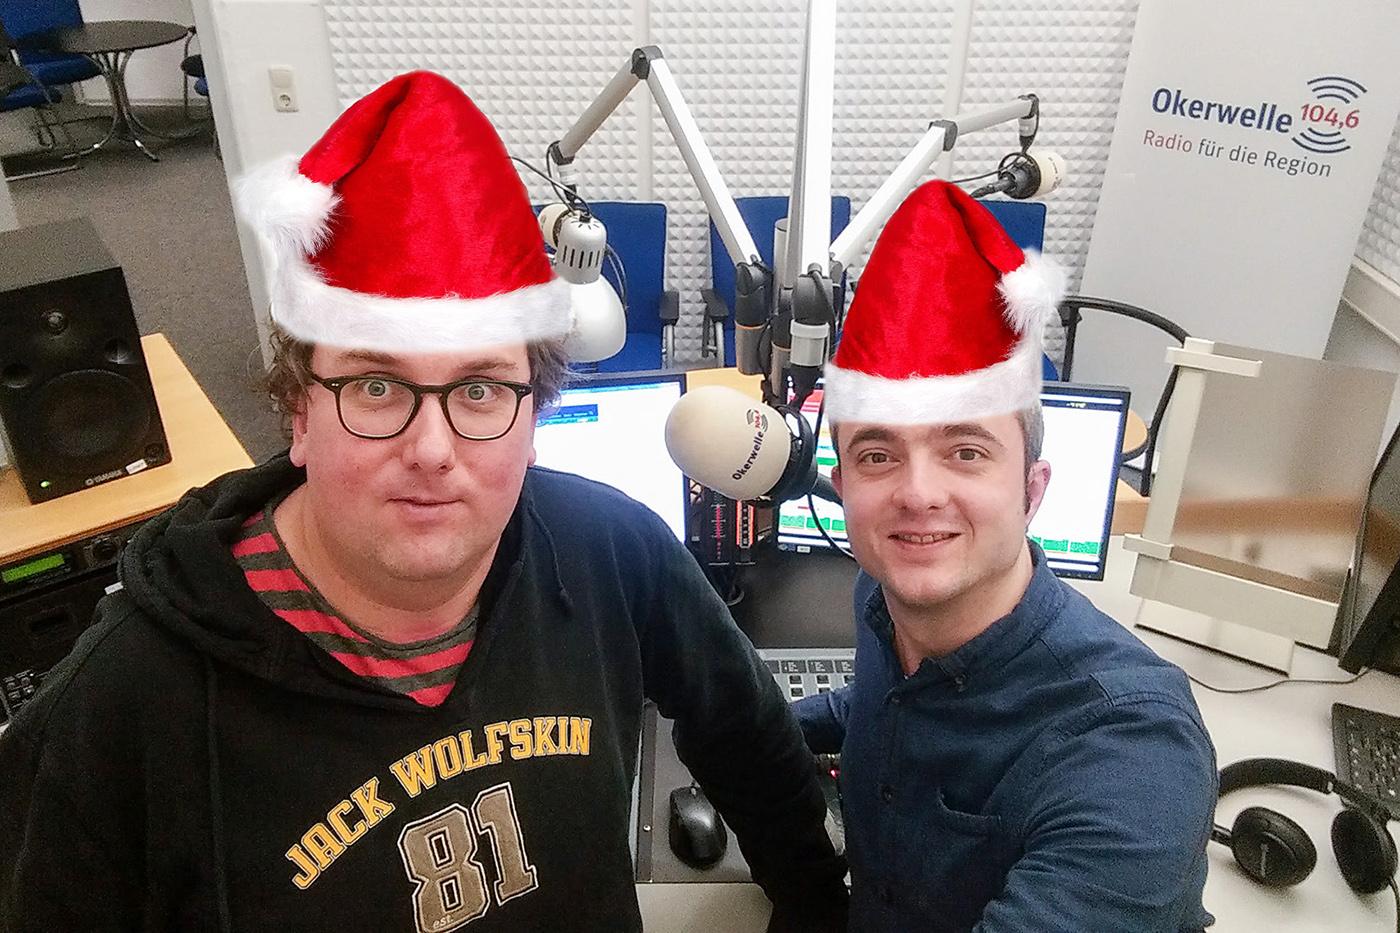 Christian Cordes und Markus Hörster mit Weihnachtsmützen